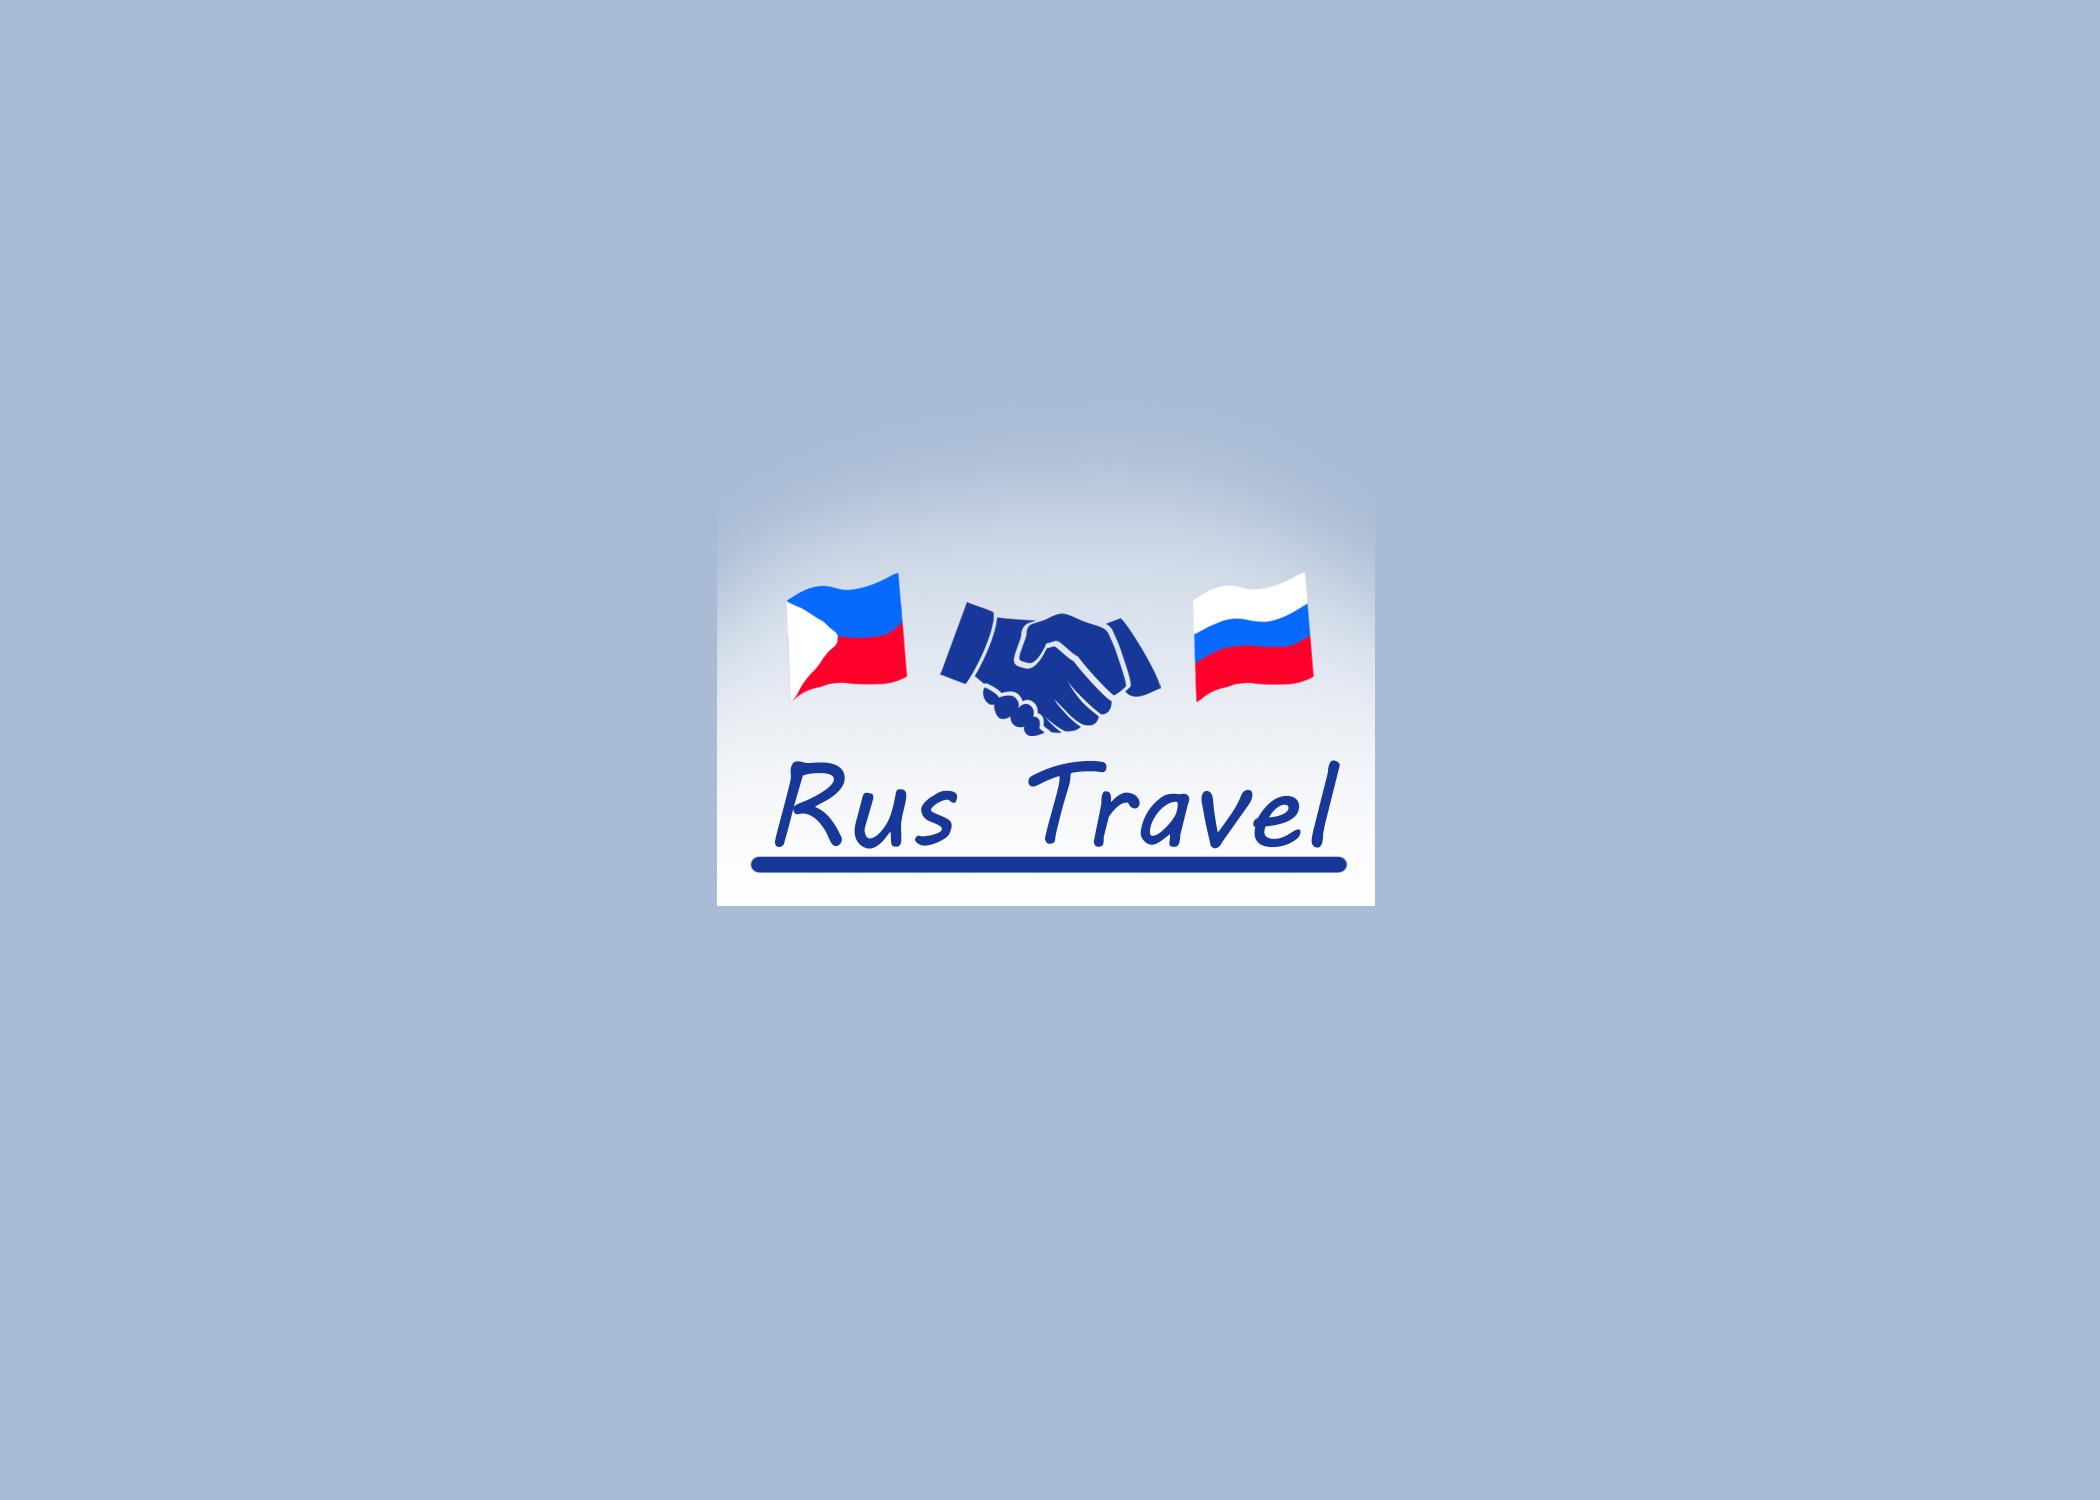 Разработка логотипа фото f_3195b3e487e8ee64.jpg